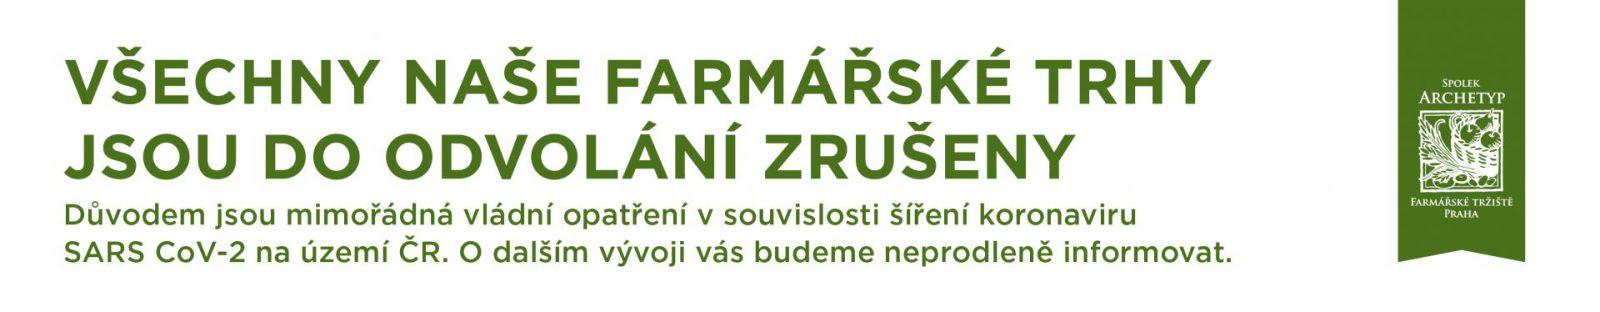 https://www.farmarsketrziste.cz/wp-content/uploads/ft-2020-banner-web-770x150-v2-1.jpg